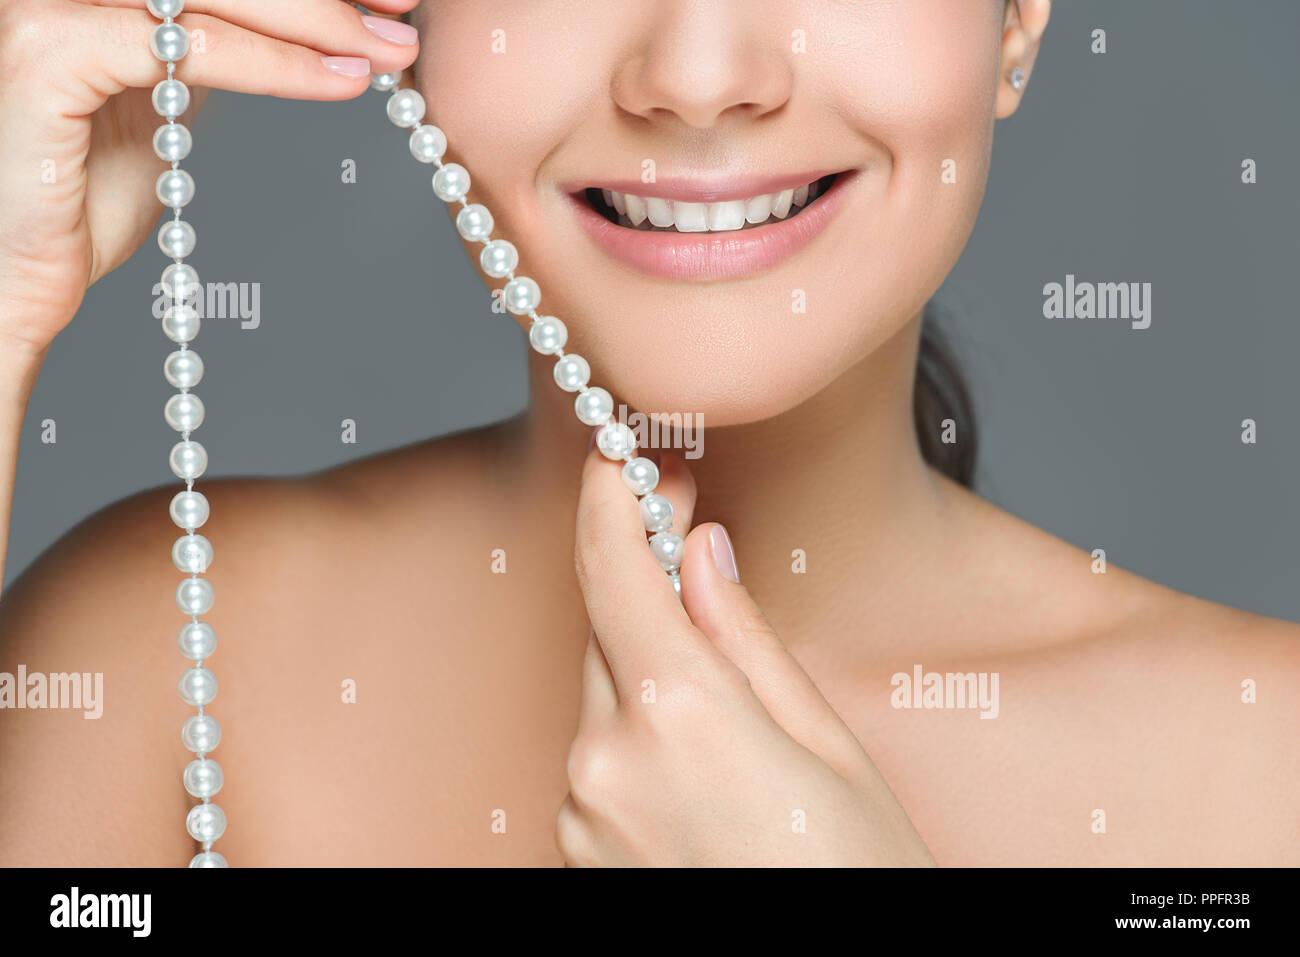 2eecb12b436c Captura recortada de mujer sonriente con dientes blancos y perlas en manos  aisladas sobre gris Imagen